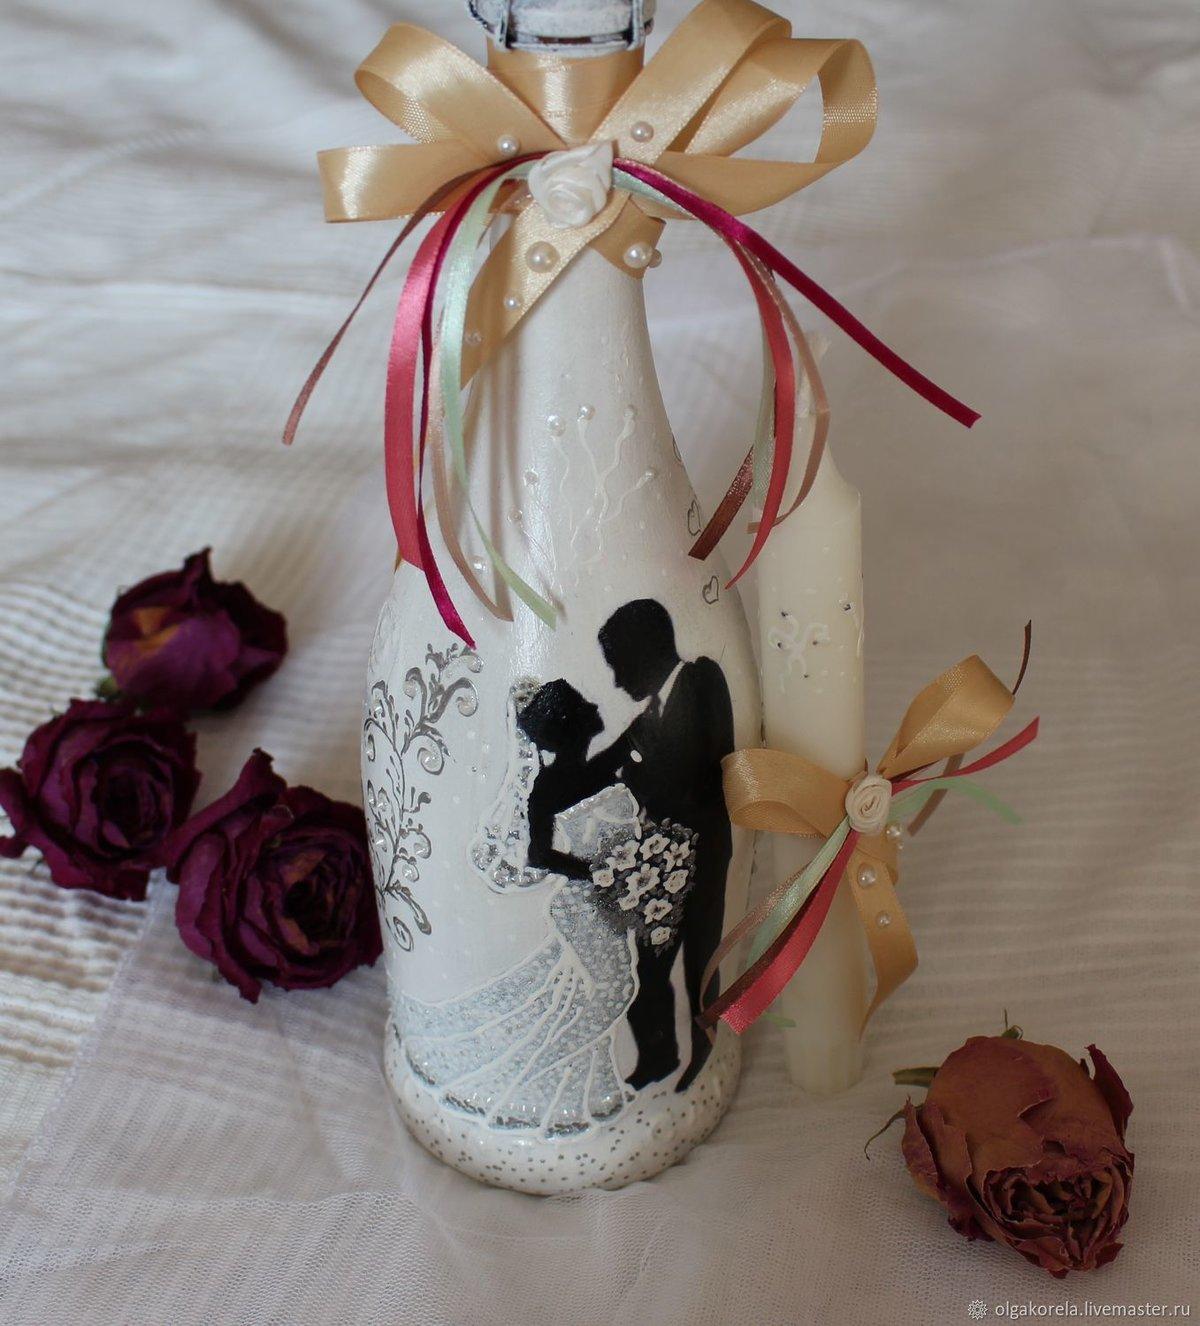 конце картинки украсить бутылку шампанского на свадьбу была краткая